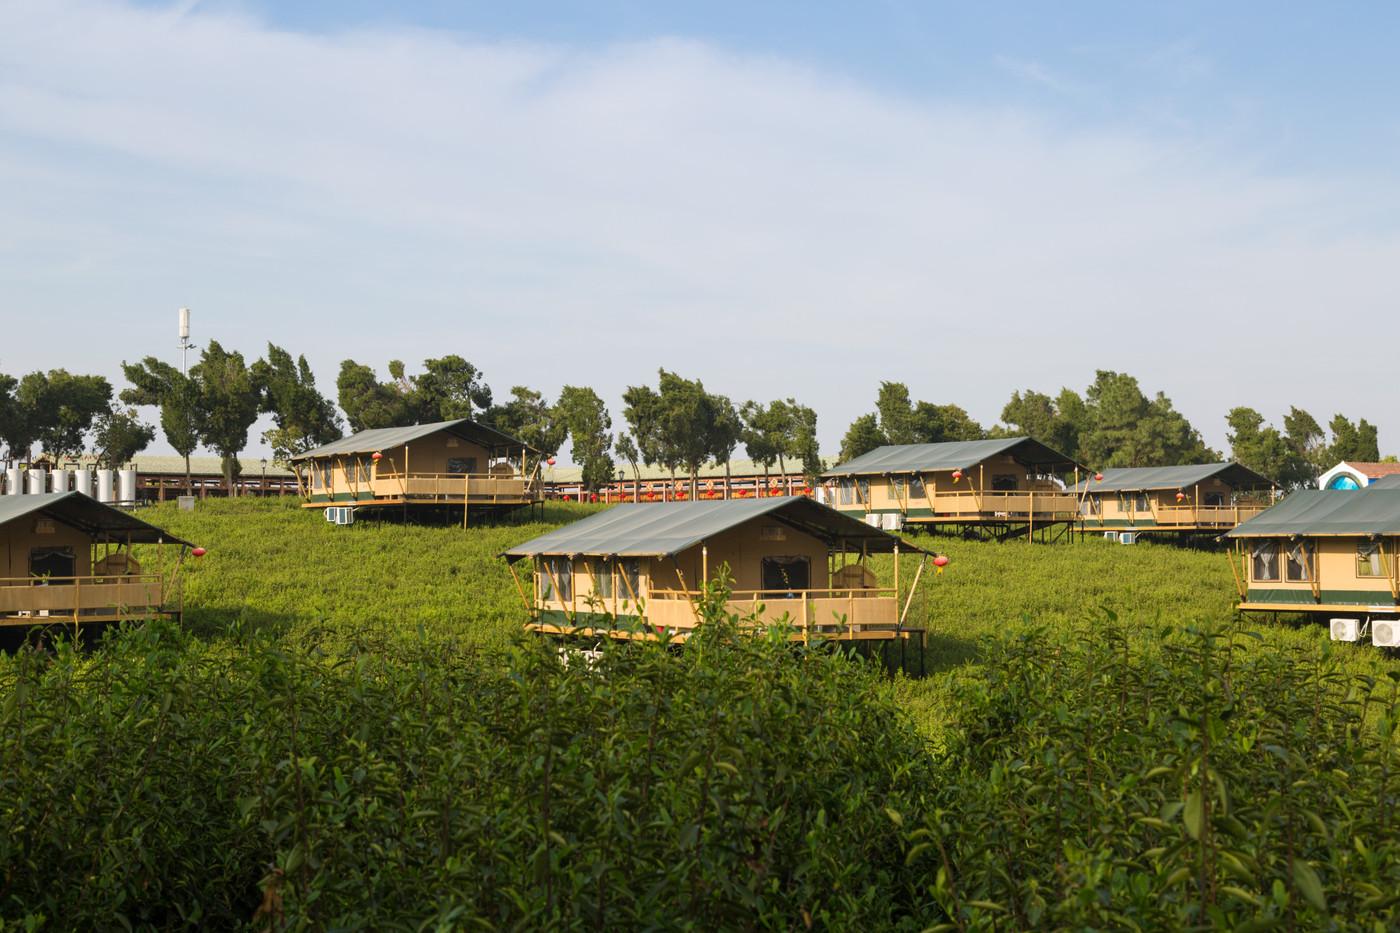 喜马拉雅野奢帐篷酒店—江苏常州茅山宝盛园2期茶田帐篷酒店5